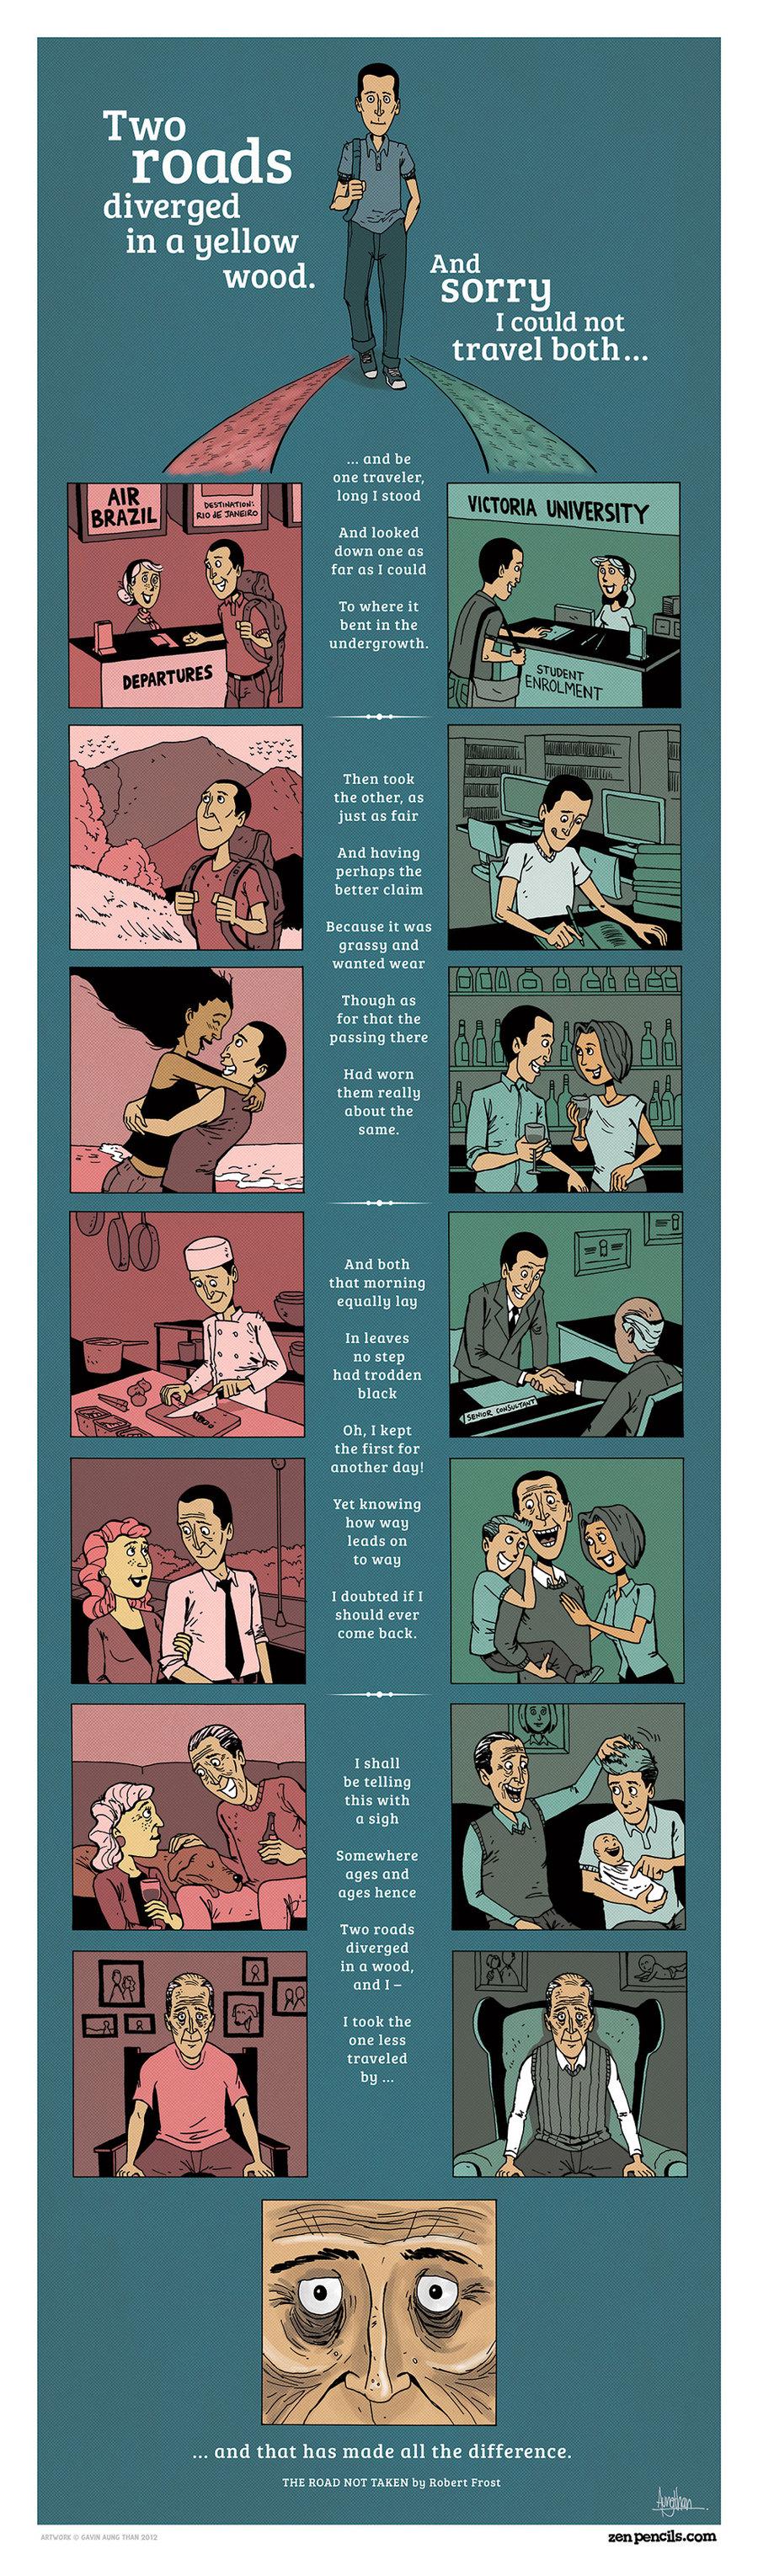 Zen Pencils for Jun 8, 2015 Comic Strip